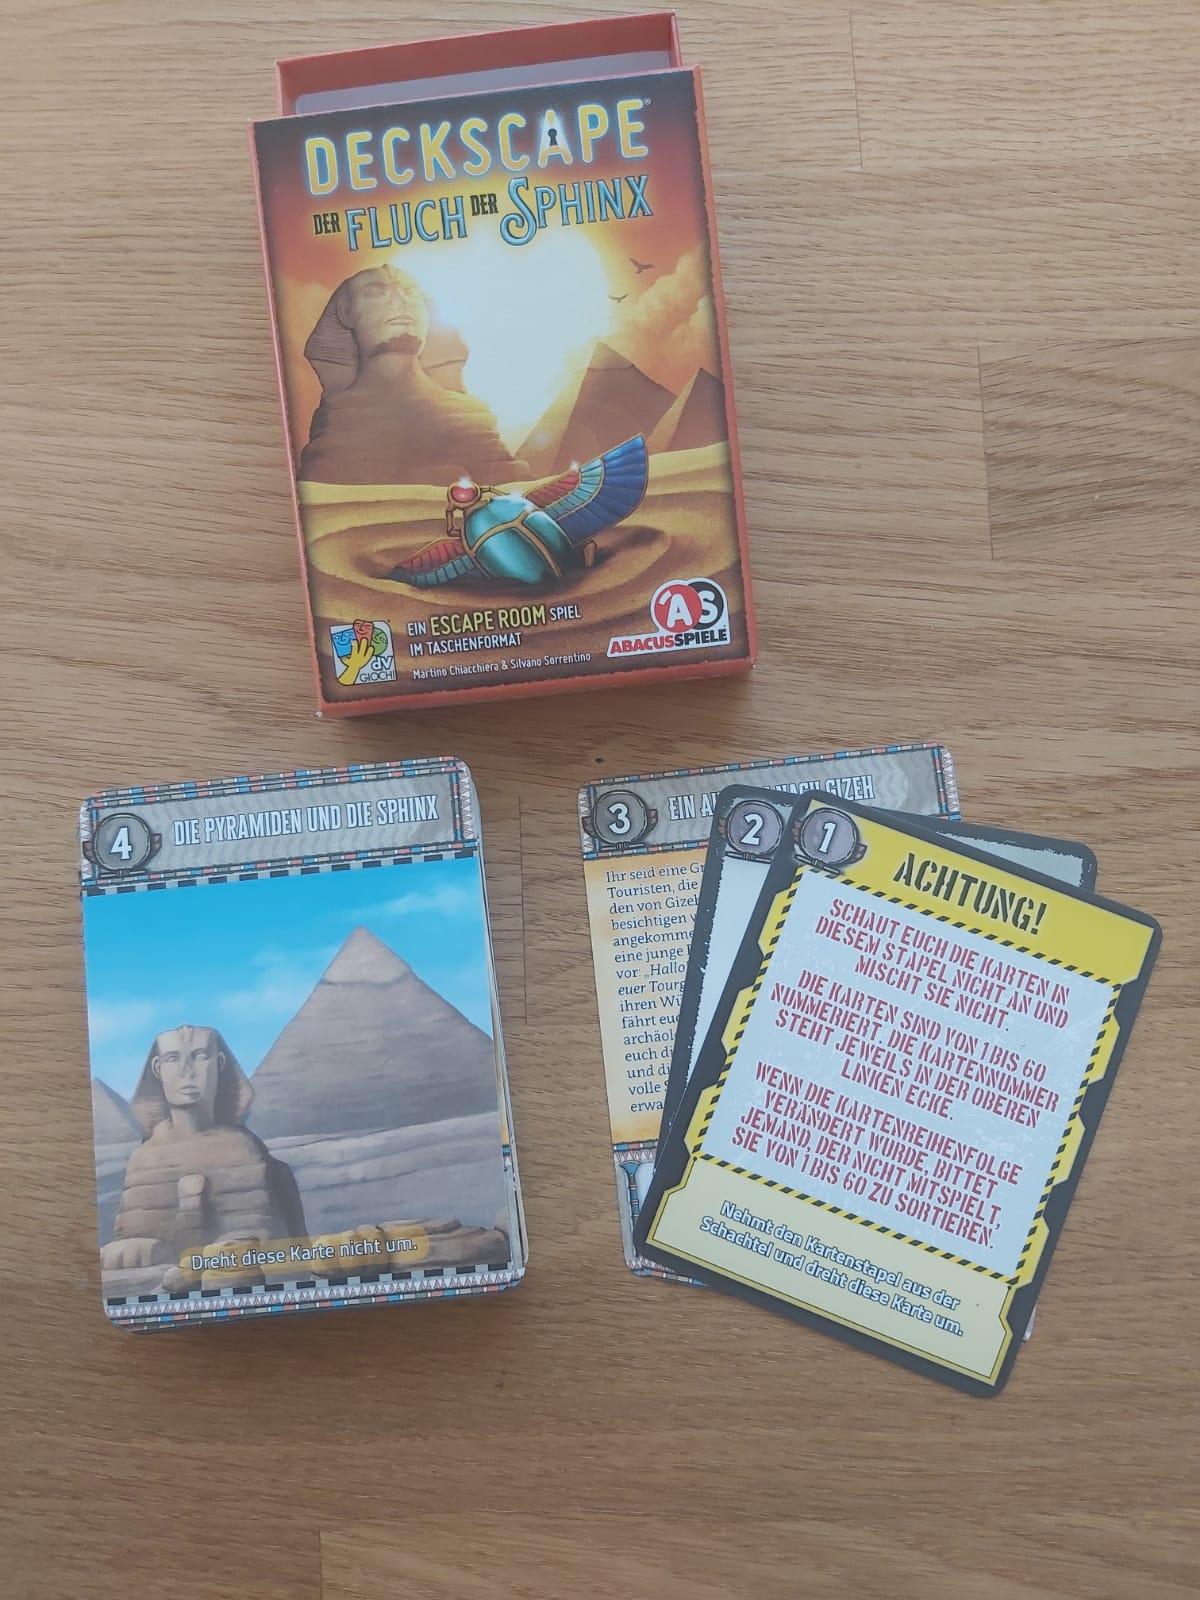 Zu sehen ist Deckscape Fluch der Sphinx samt Spielmaterial